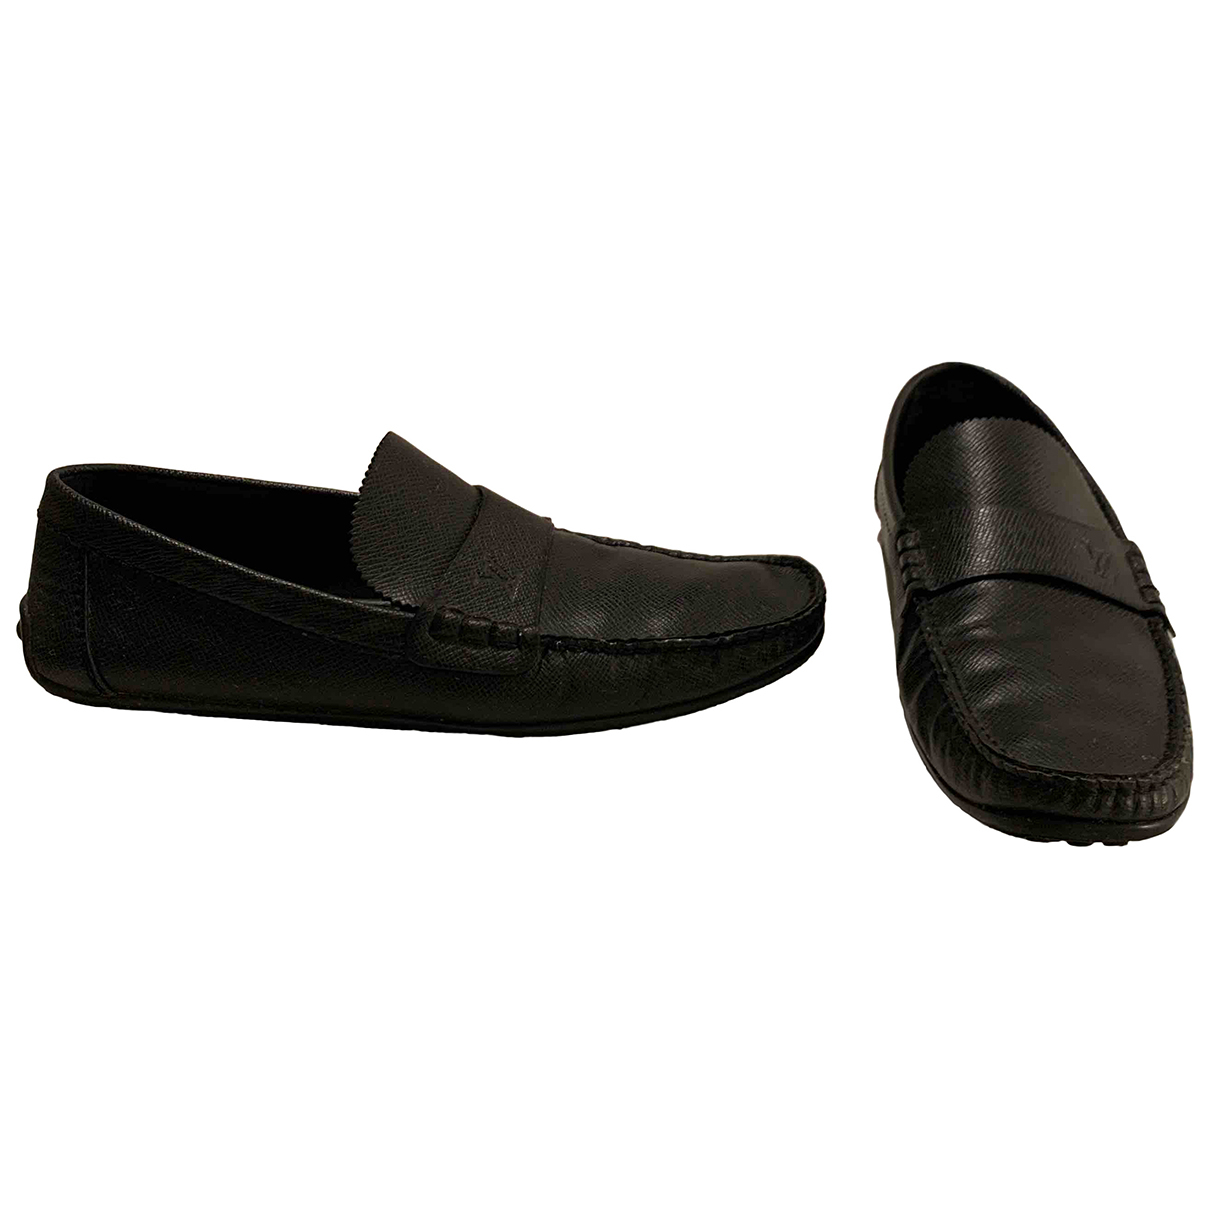 Louis Vuitton N Black Leather Flats for Men 42 EU